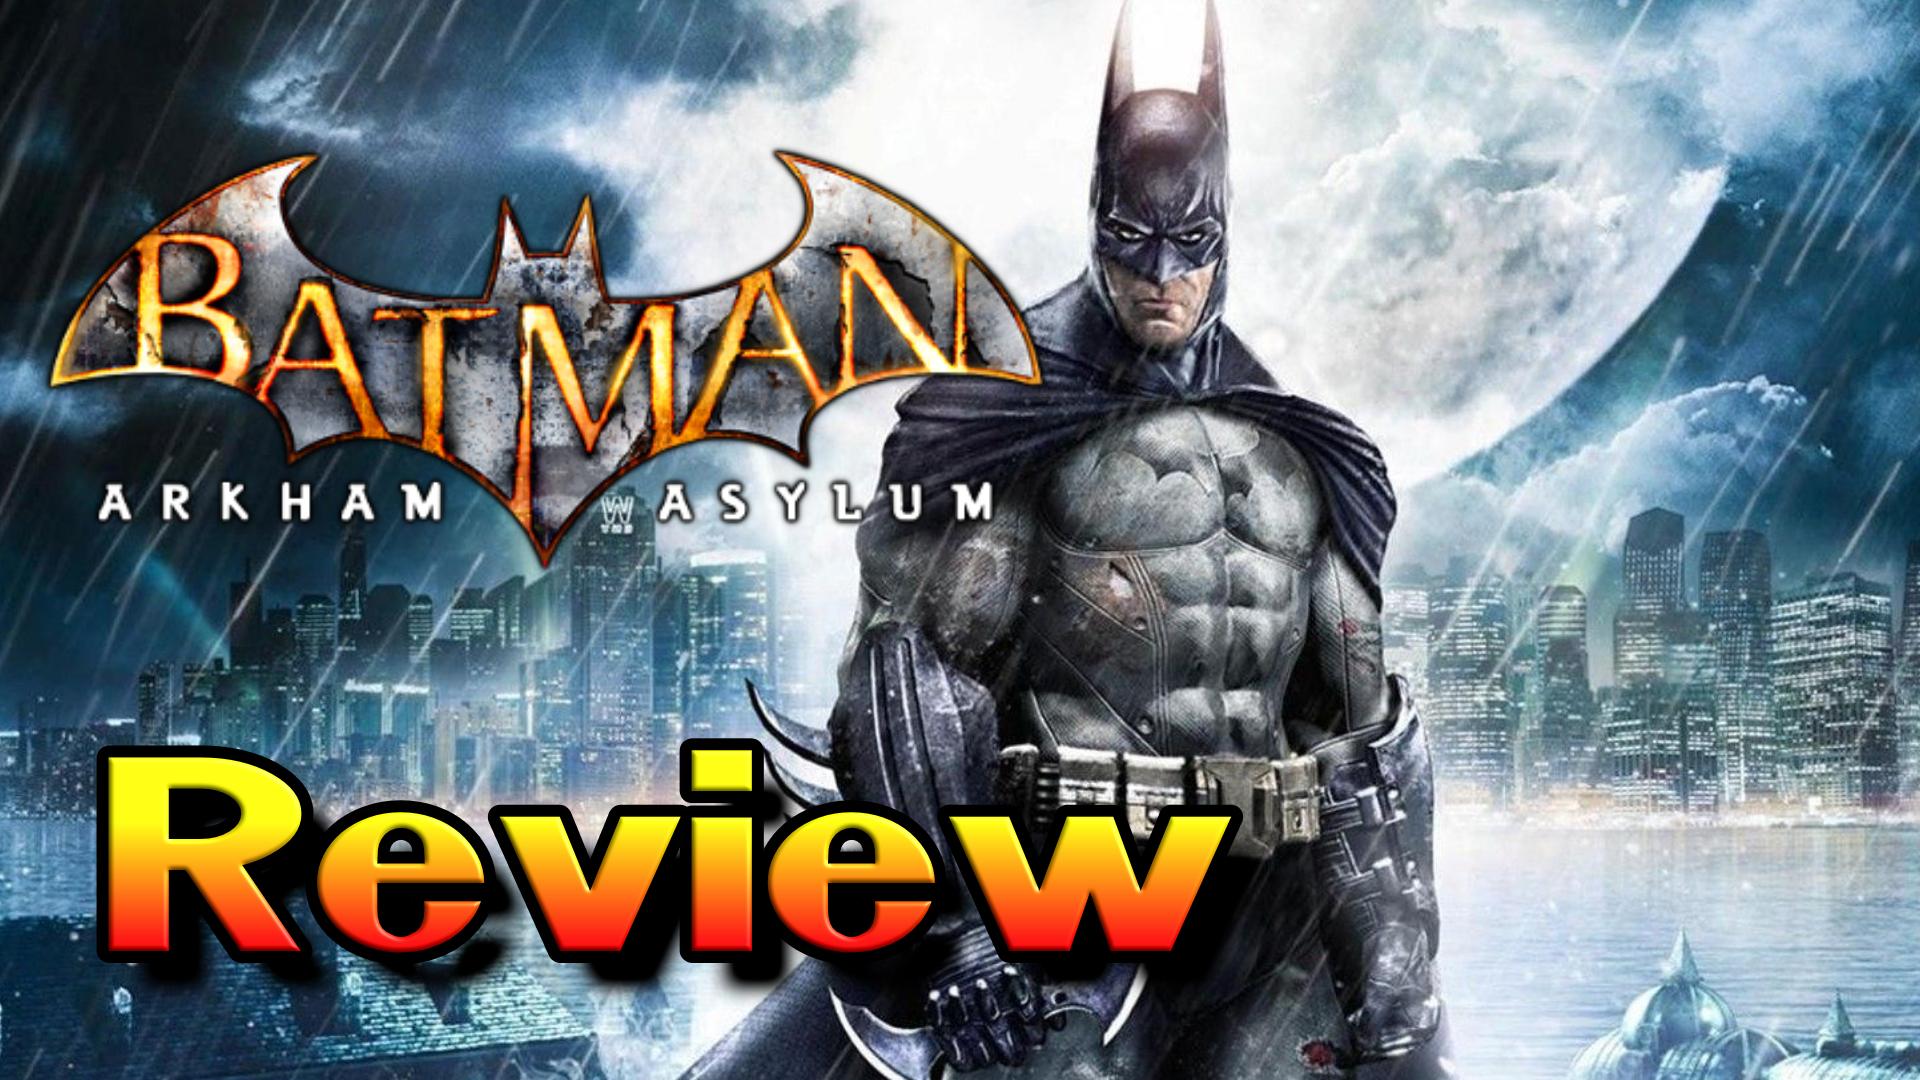 Batman: Arkham Asylum – Should We Return to Arkham? [Cade's Arcade Reviews]